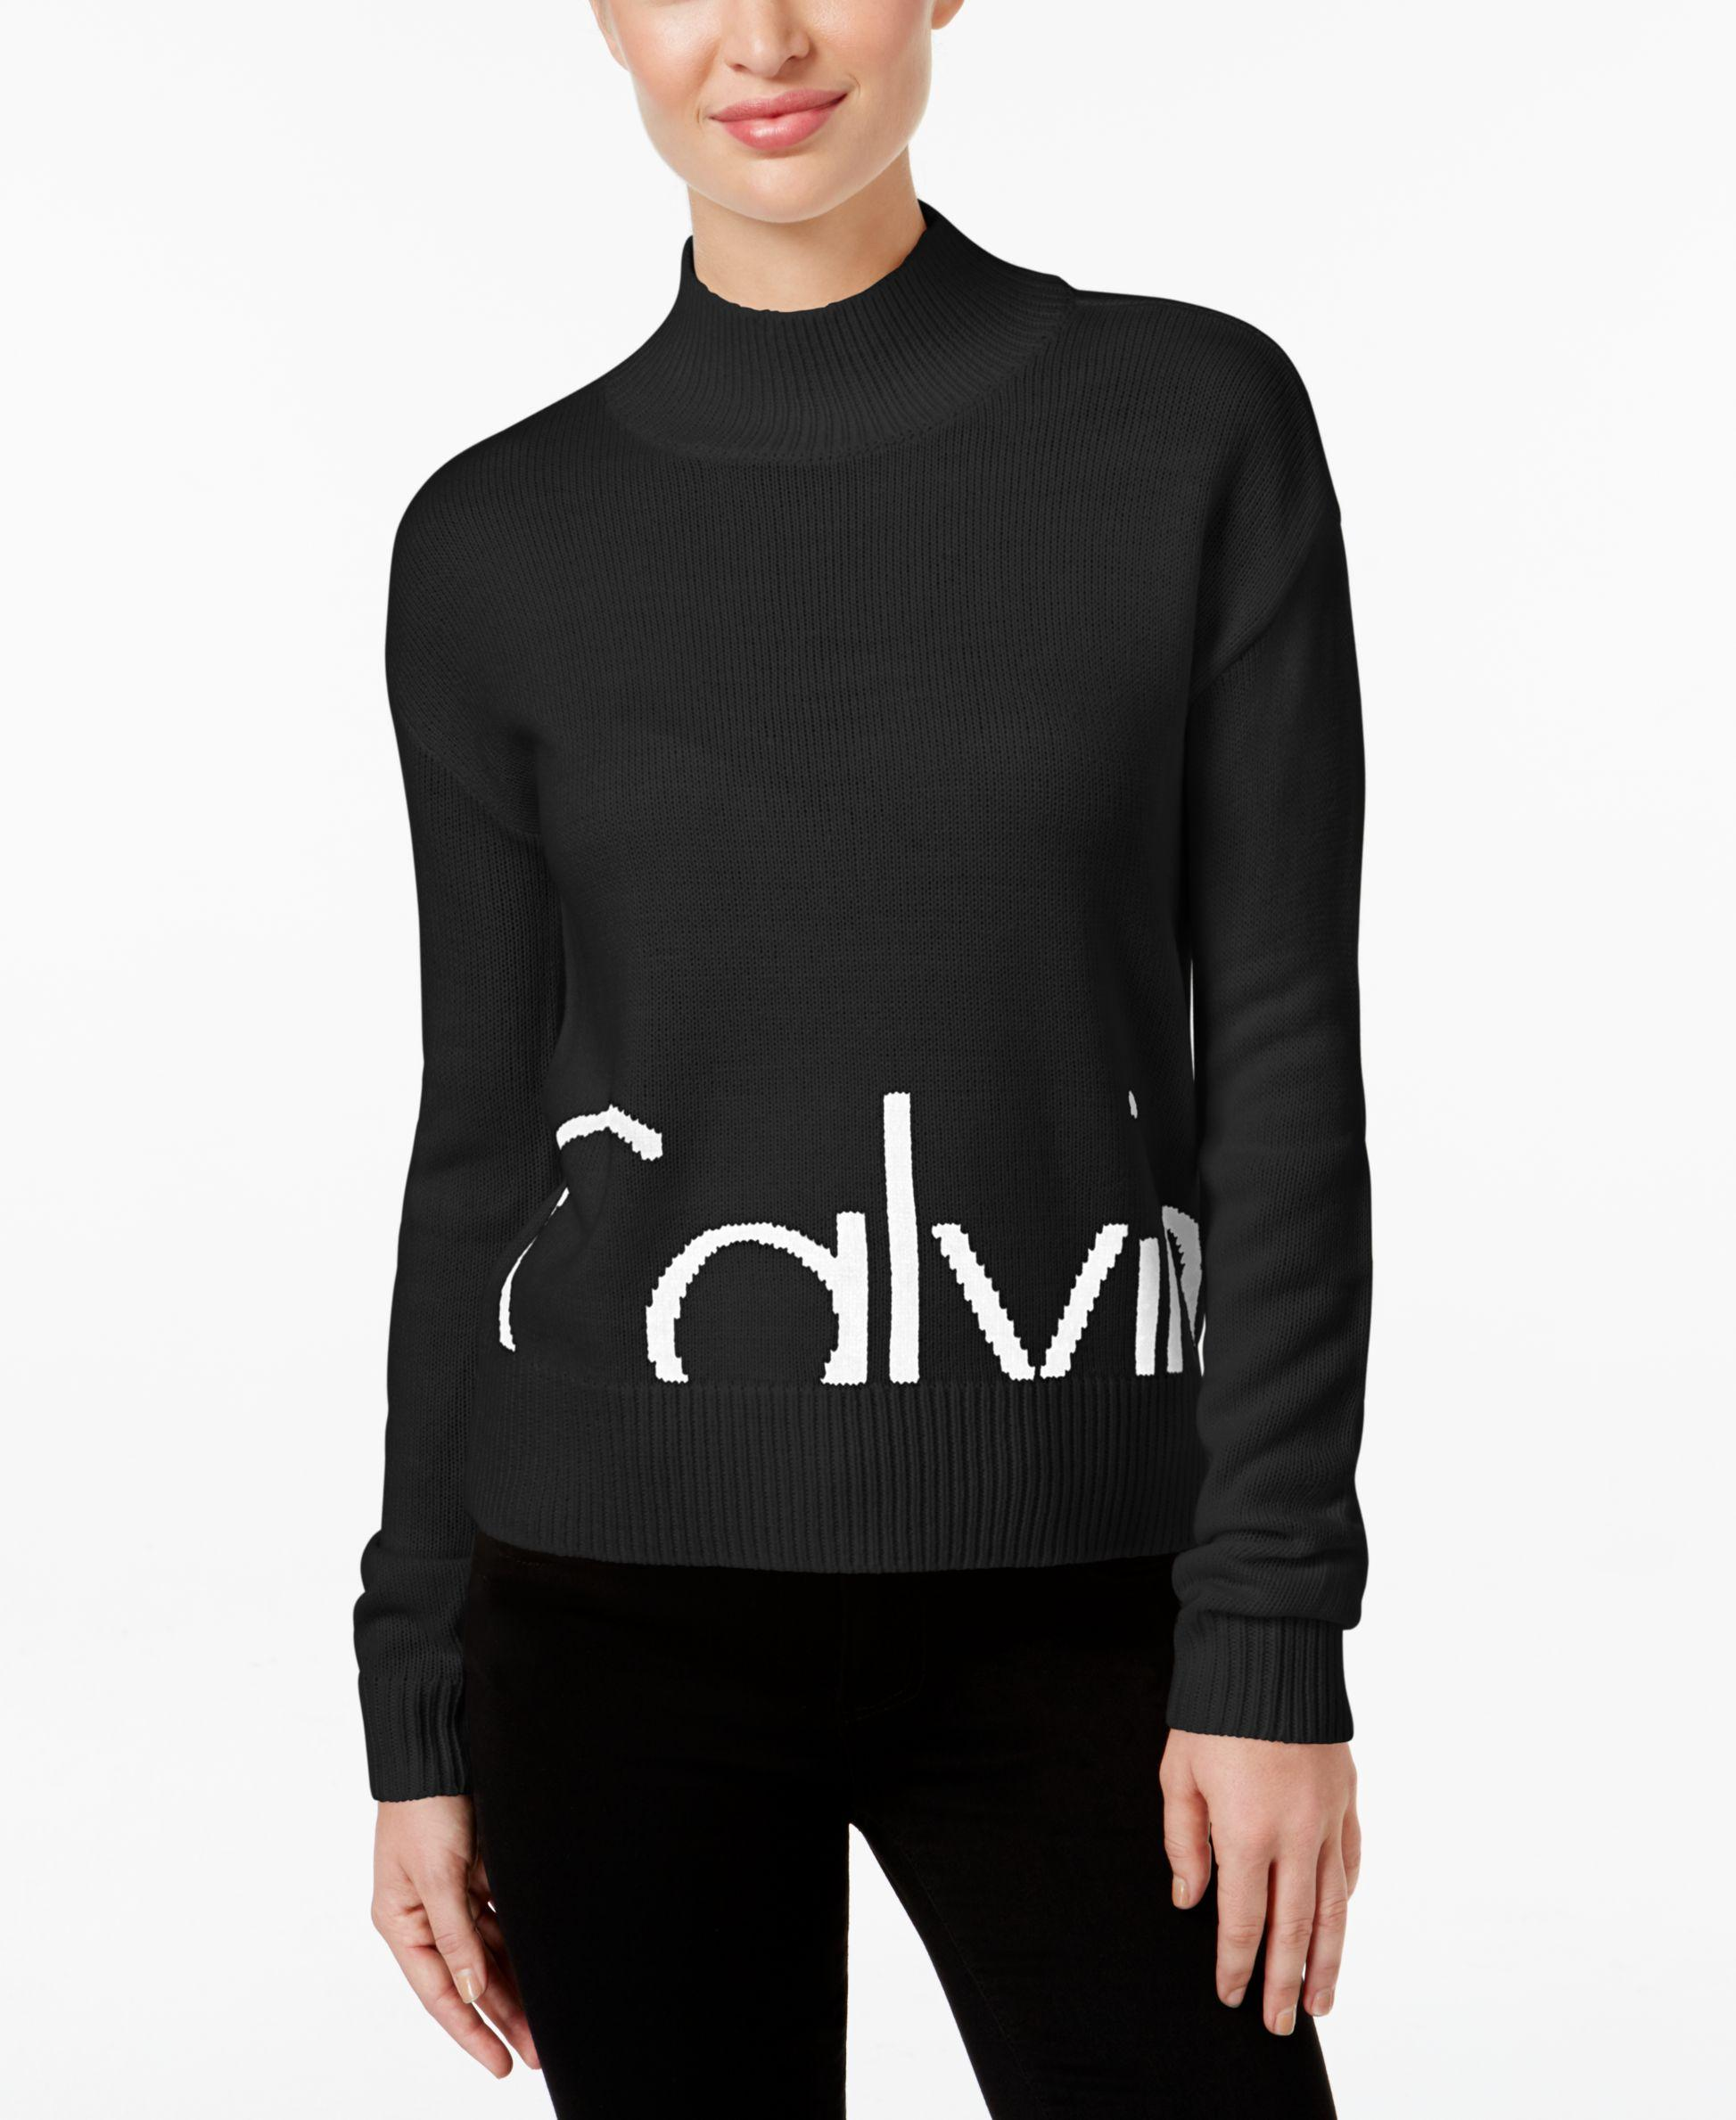 calvin klein jeans mock neck logo sweater in black lyst. Black Bedroom Furniture Sets. Home Design Ideas